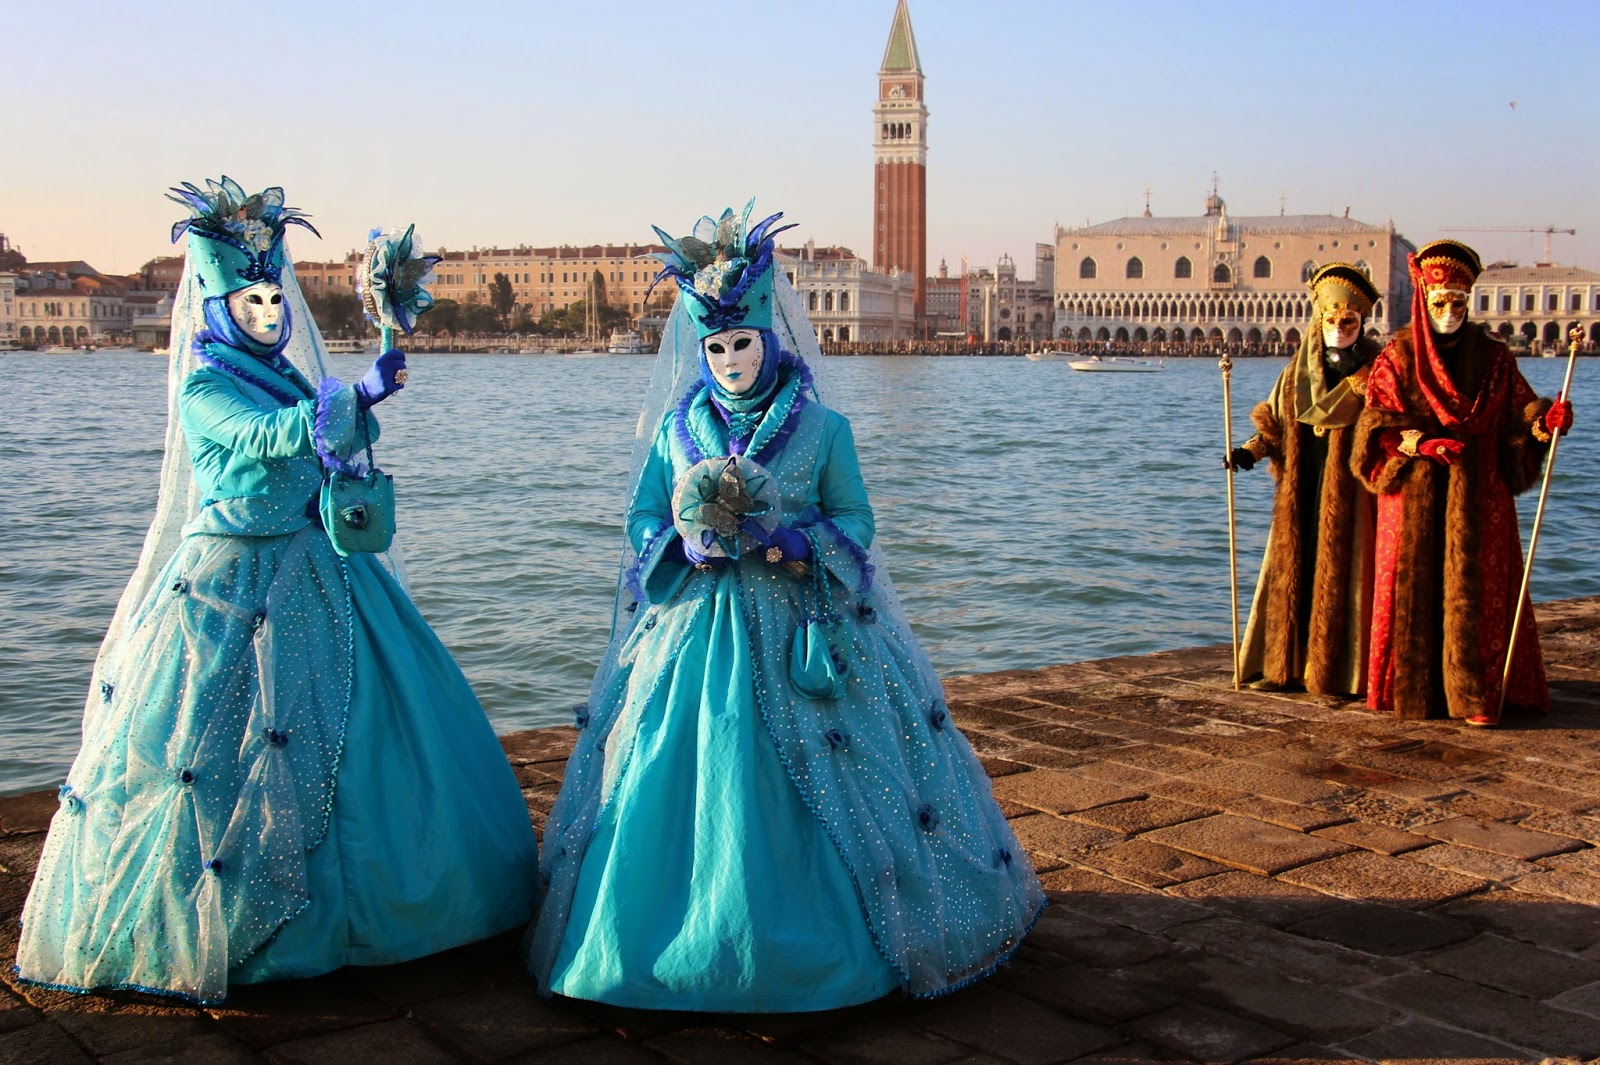 DICAS de viagem para VISITAR VENEZA e explorar os melhores lugares da cidade | Itália